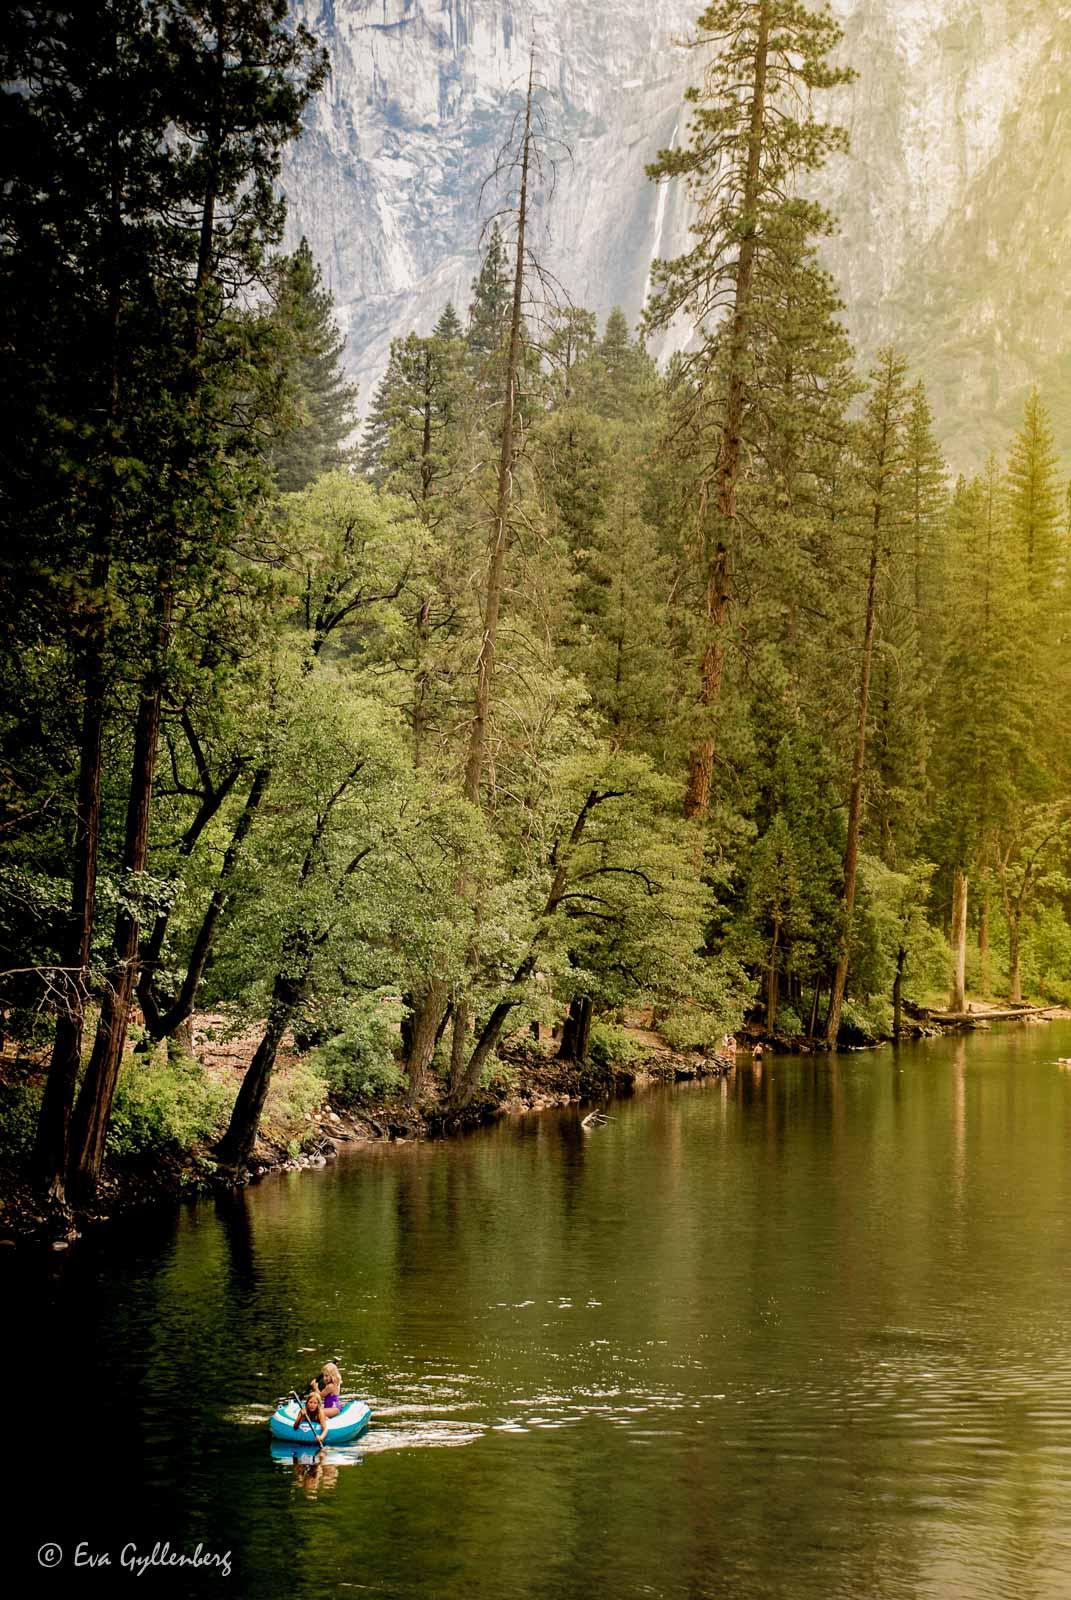 Bildsemester del 1 - Kalifornien i bilder 95